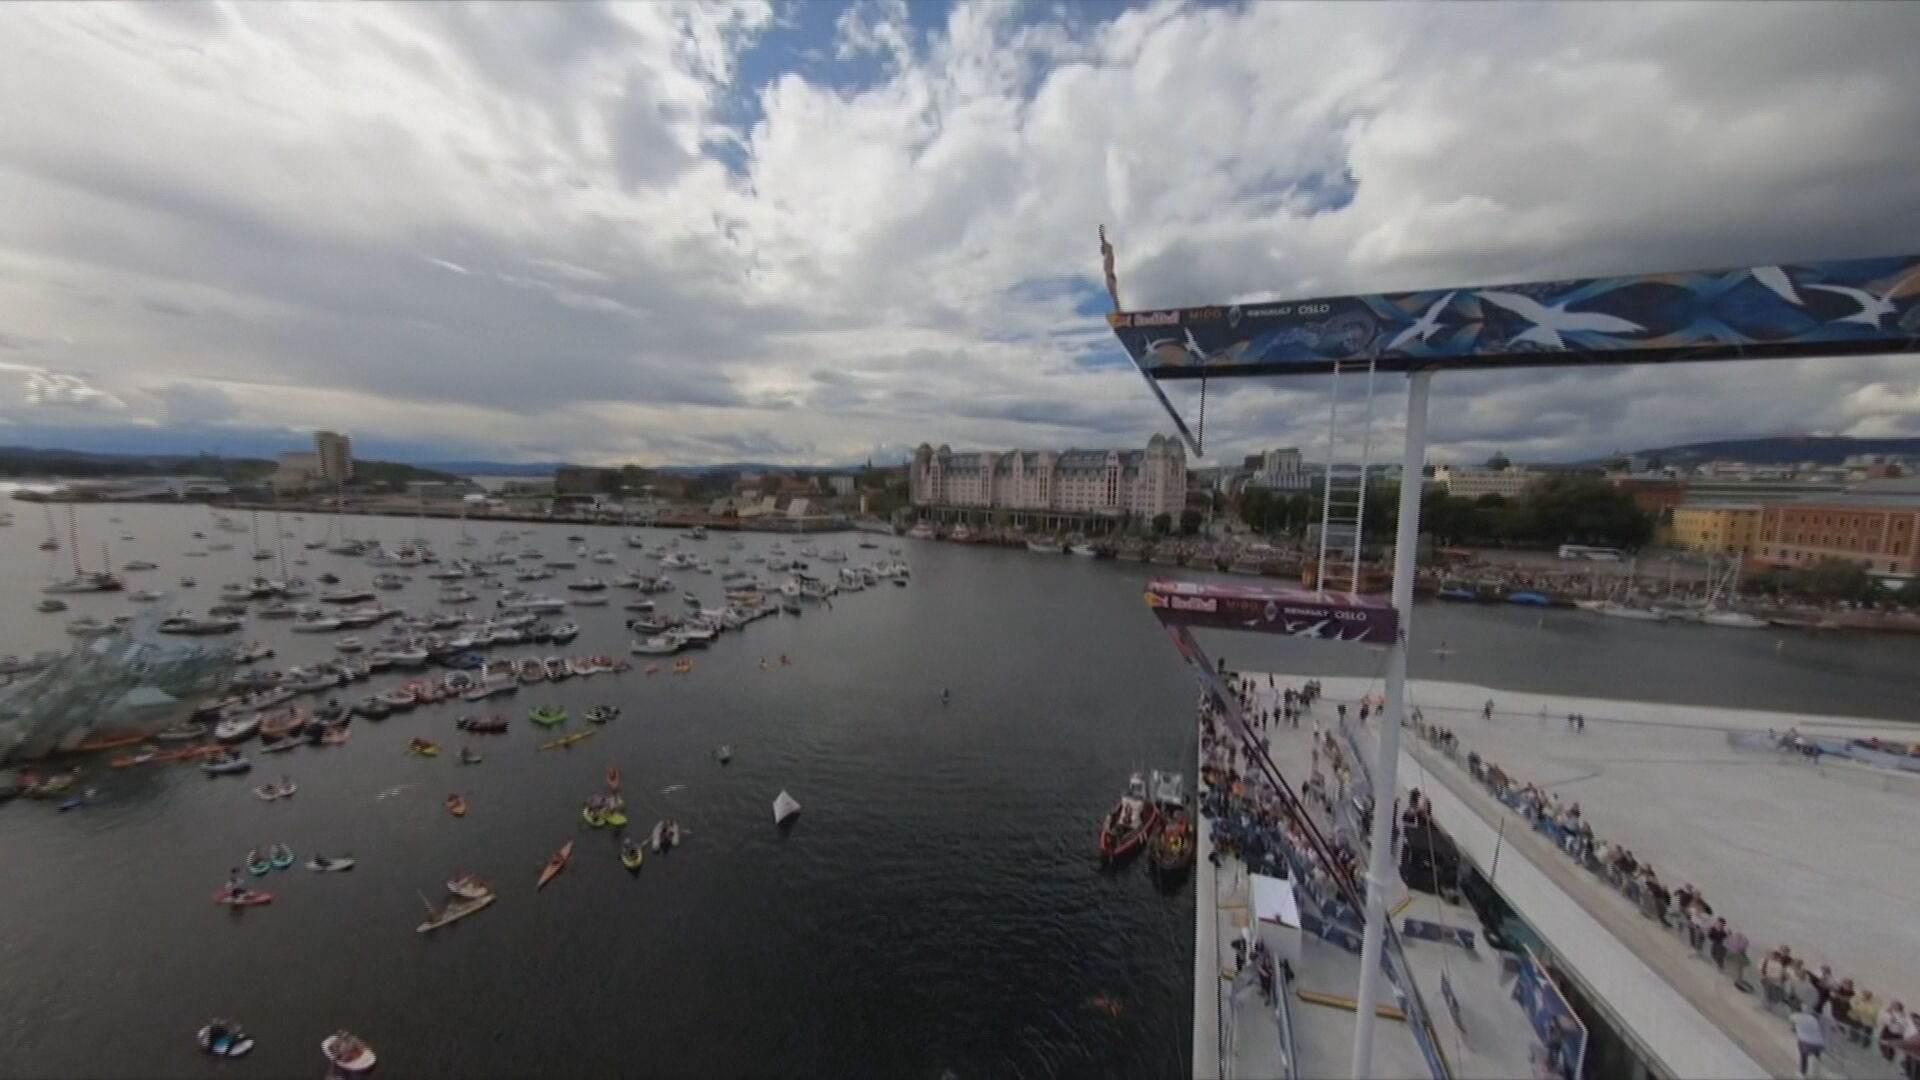 Campeonato Internacional de Salto de Penhasco aconteceu em Oslo, na Noruega